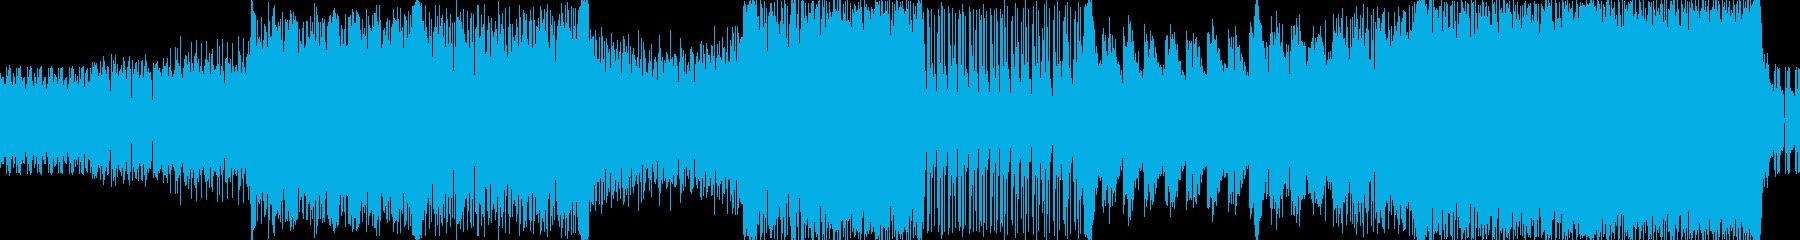 エレクトロ センチメンタル 技術的...の再生済みの波形